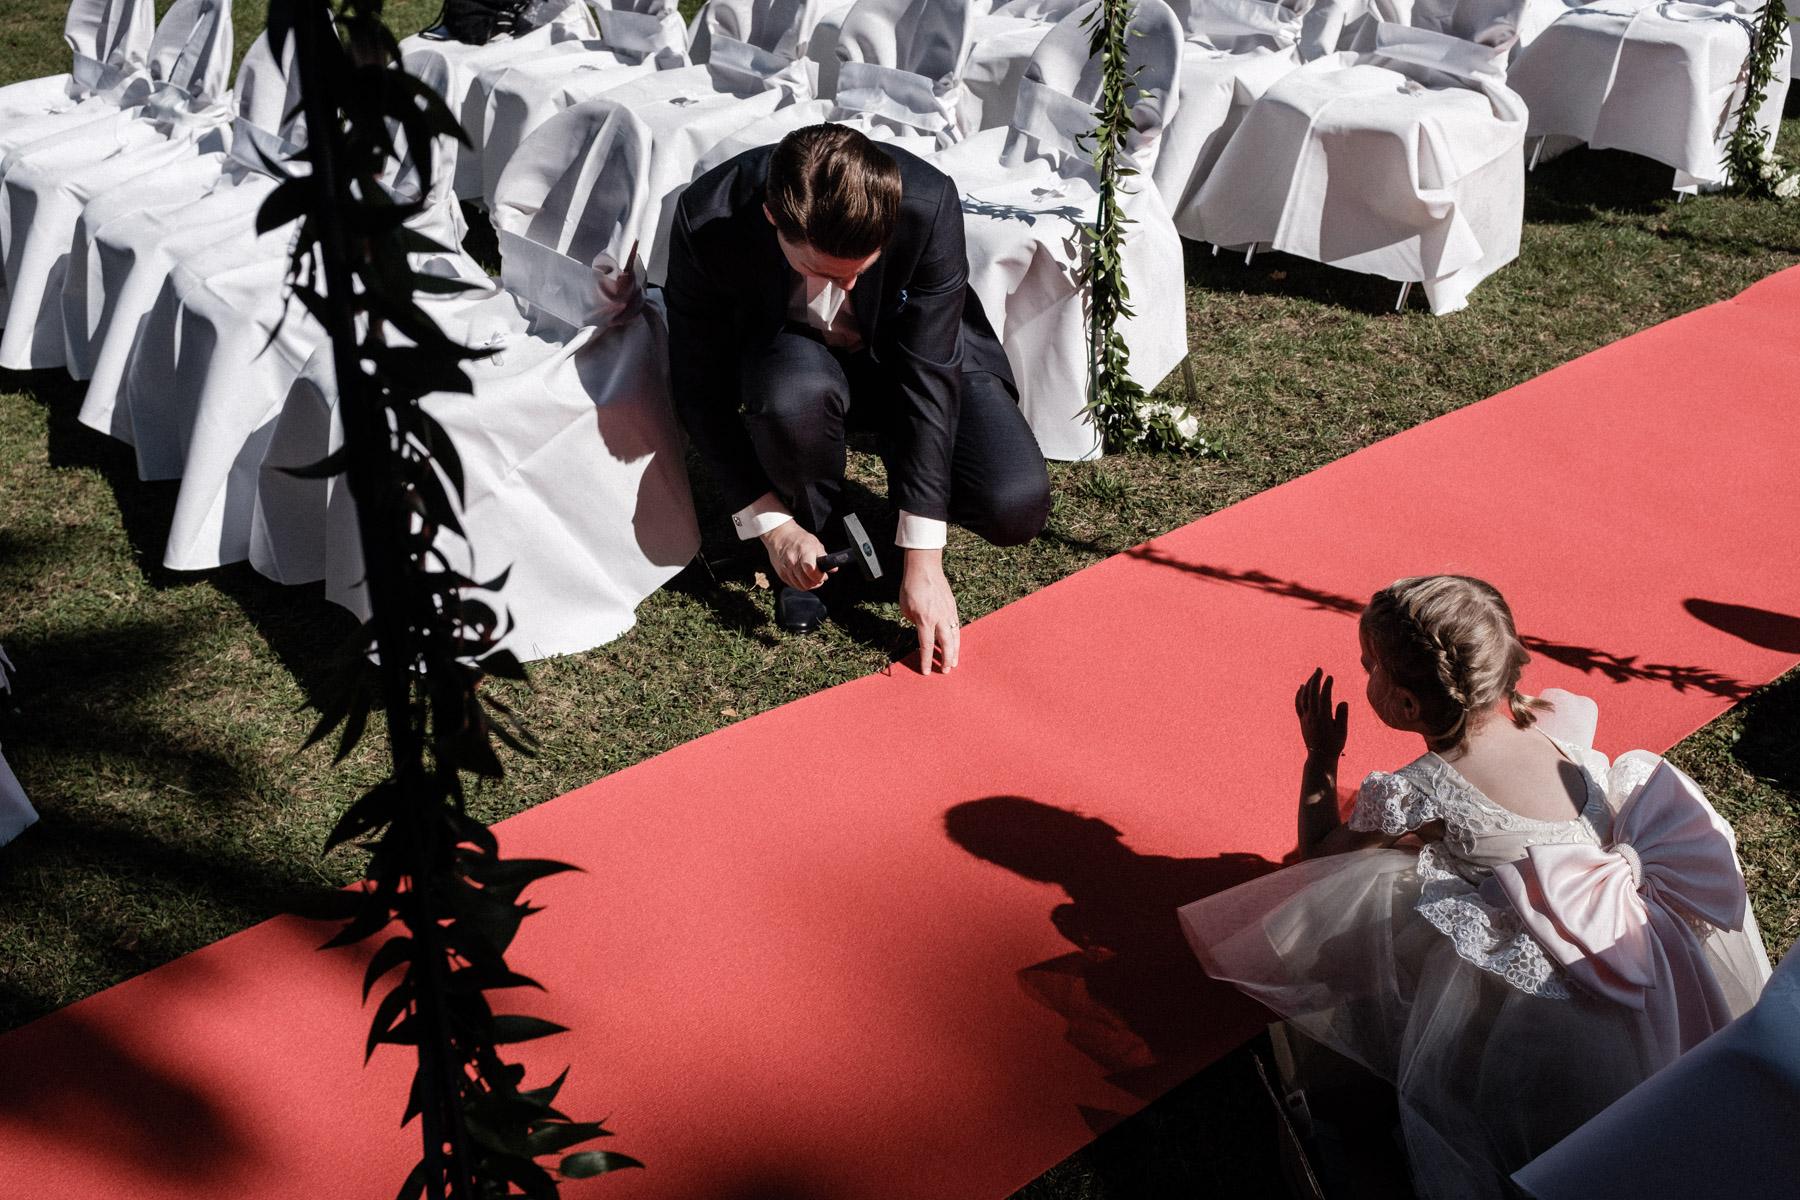 MartinLiebl_Kein_Hochzeitsfotograf_Blog_CWF_Bad_Neustadt_24.jpg